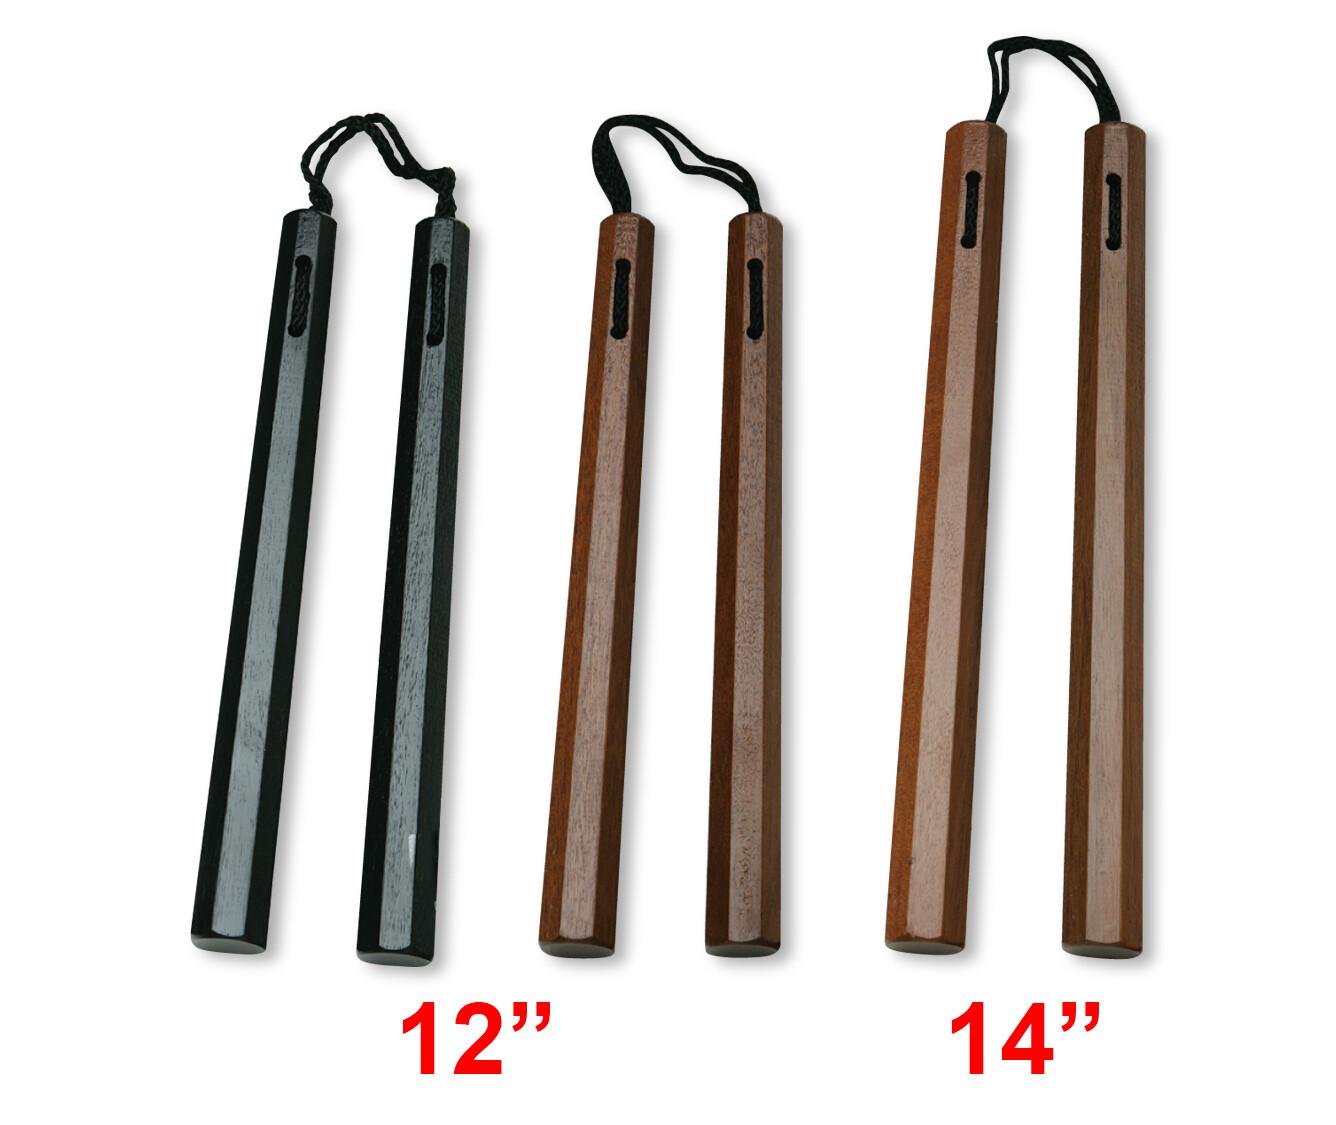 Nunchaku- Rope, Wood